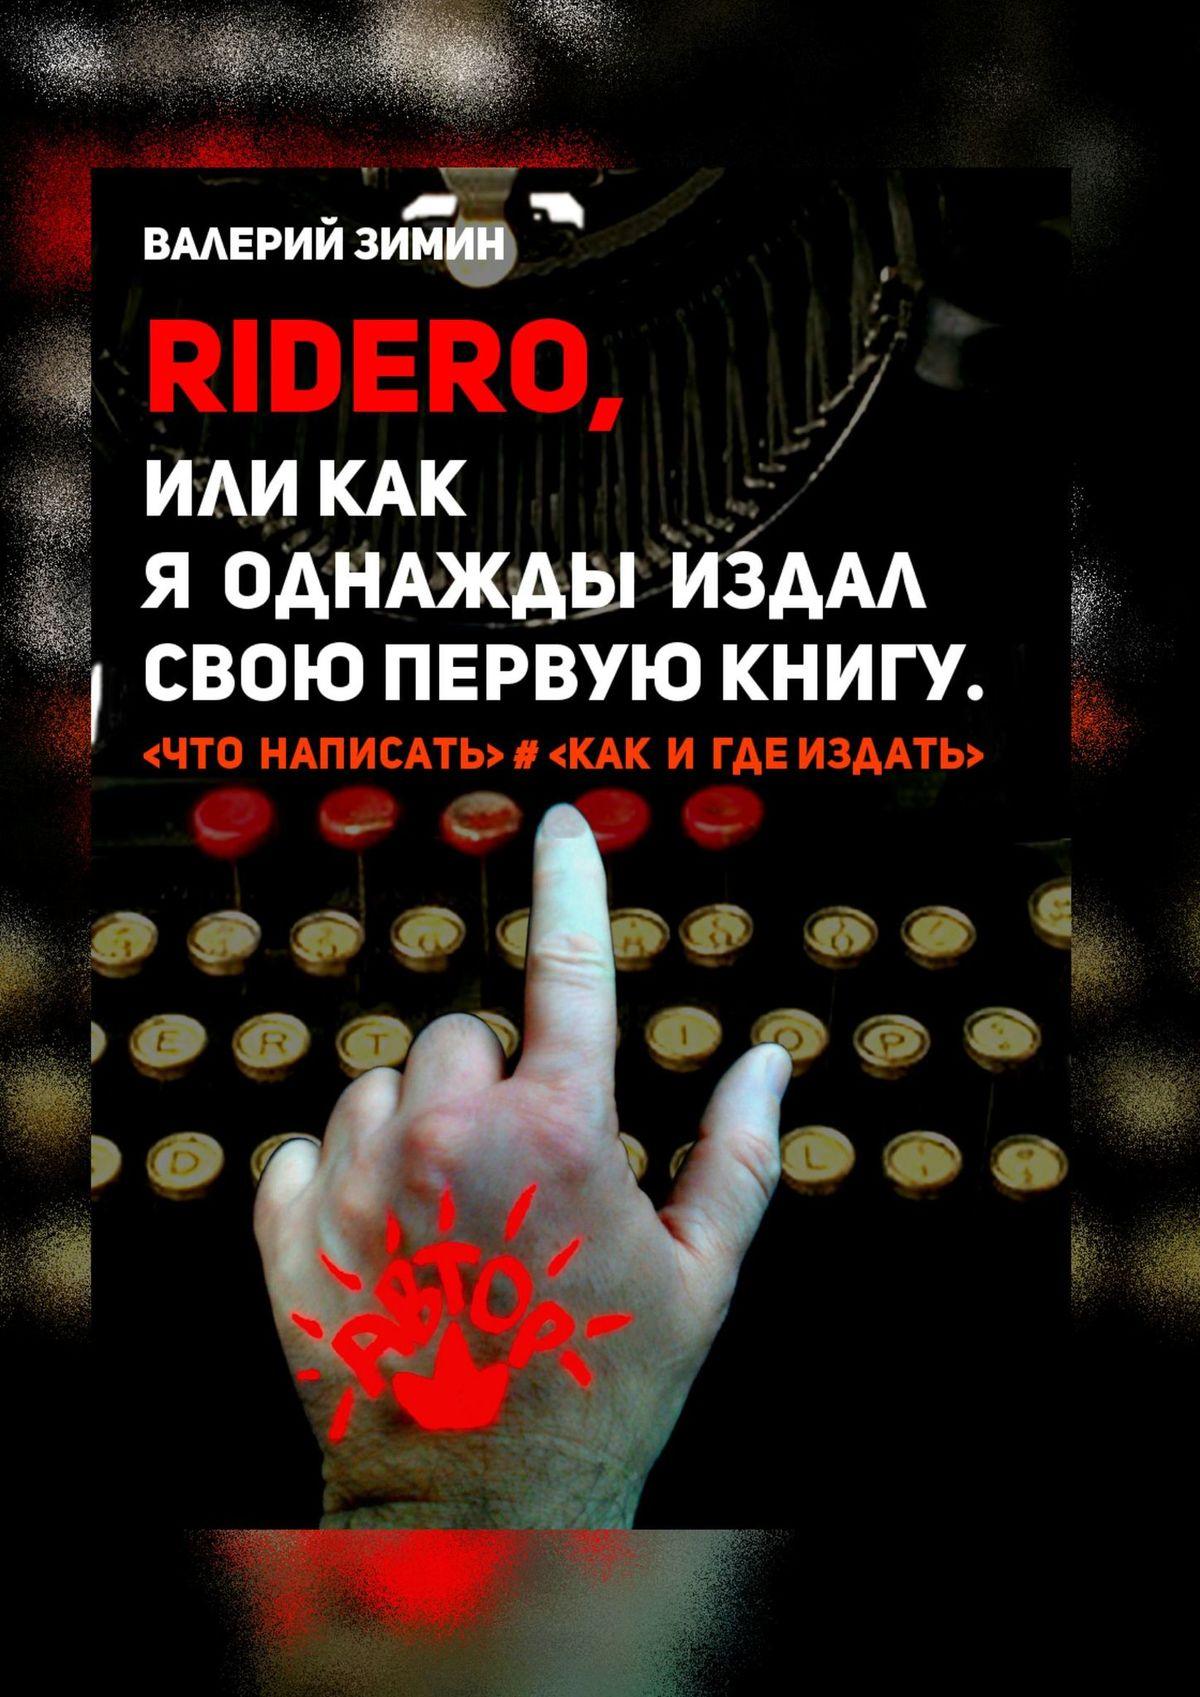 Ridero, или Как я однажды издал свою первую книгу. <что написать> # <как игде издать>